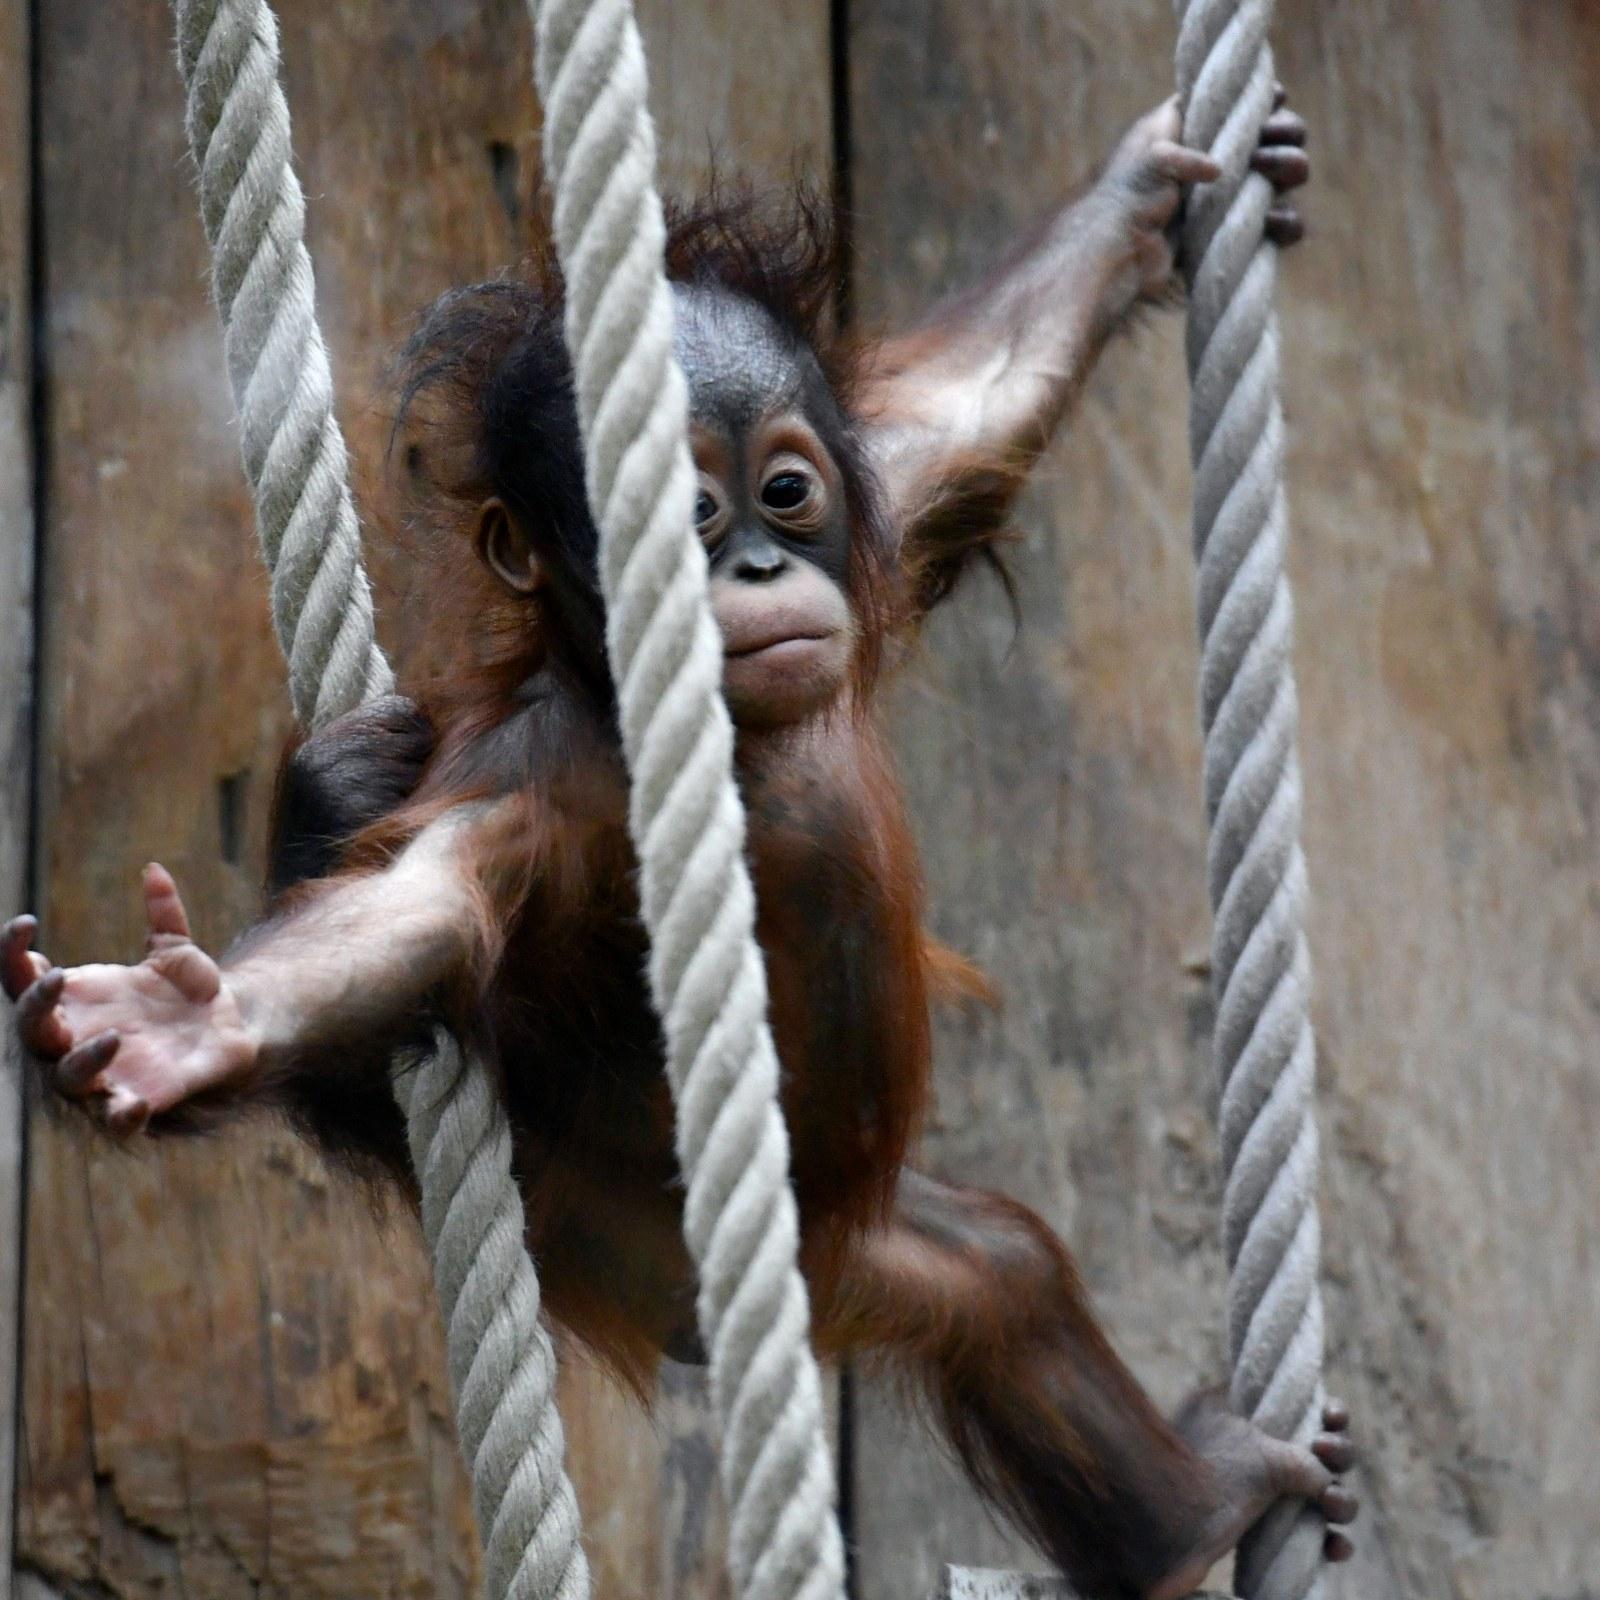 Endangered Breeding Gorilla Among Dozens Of Animals Burned